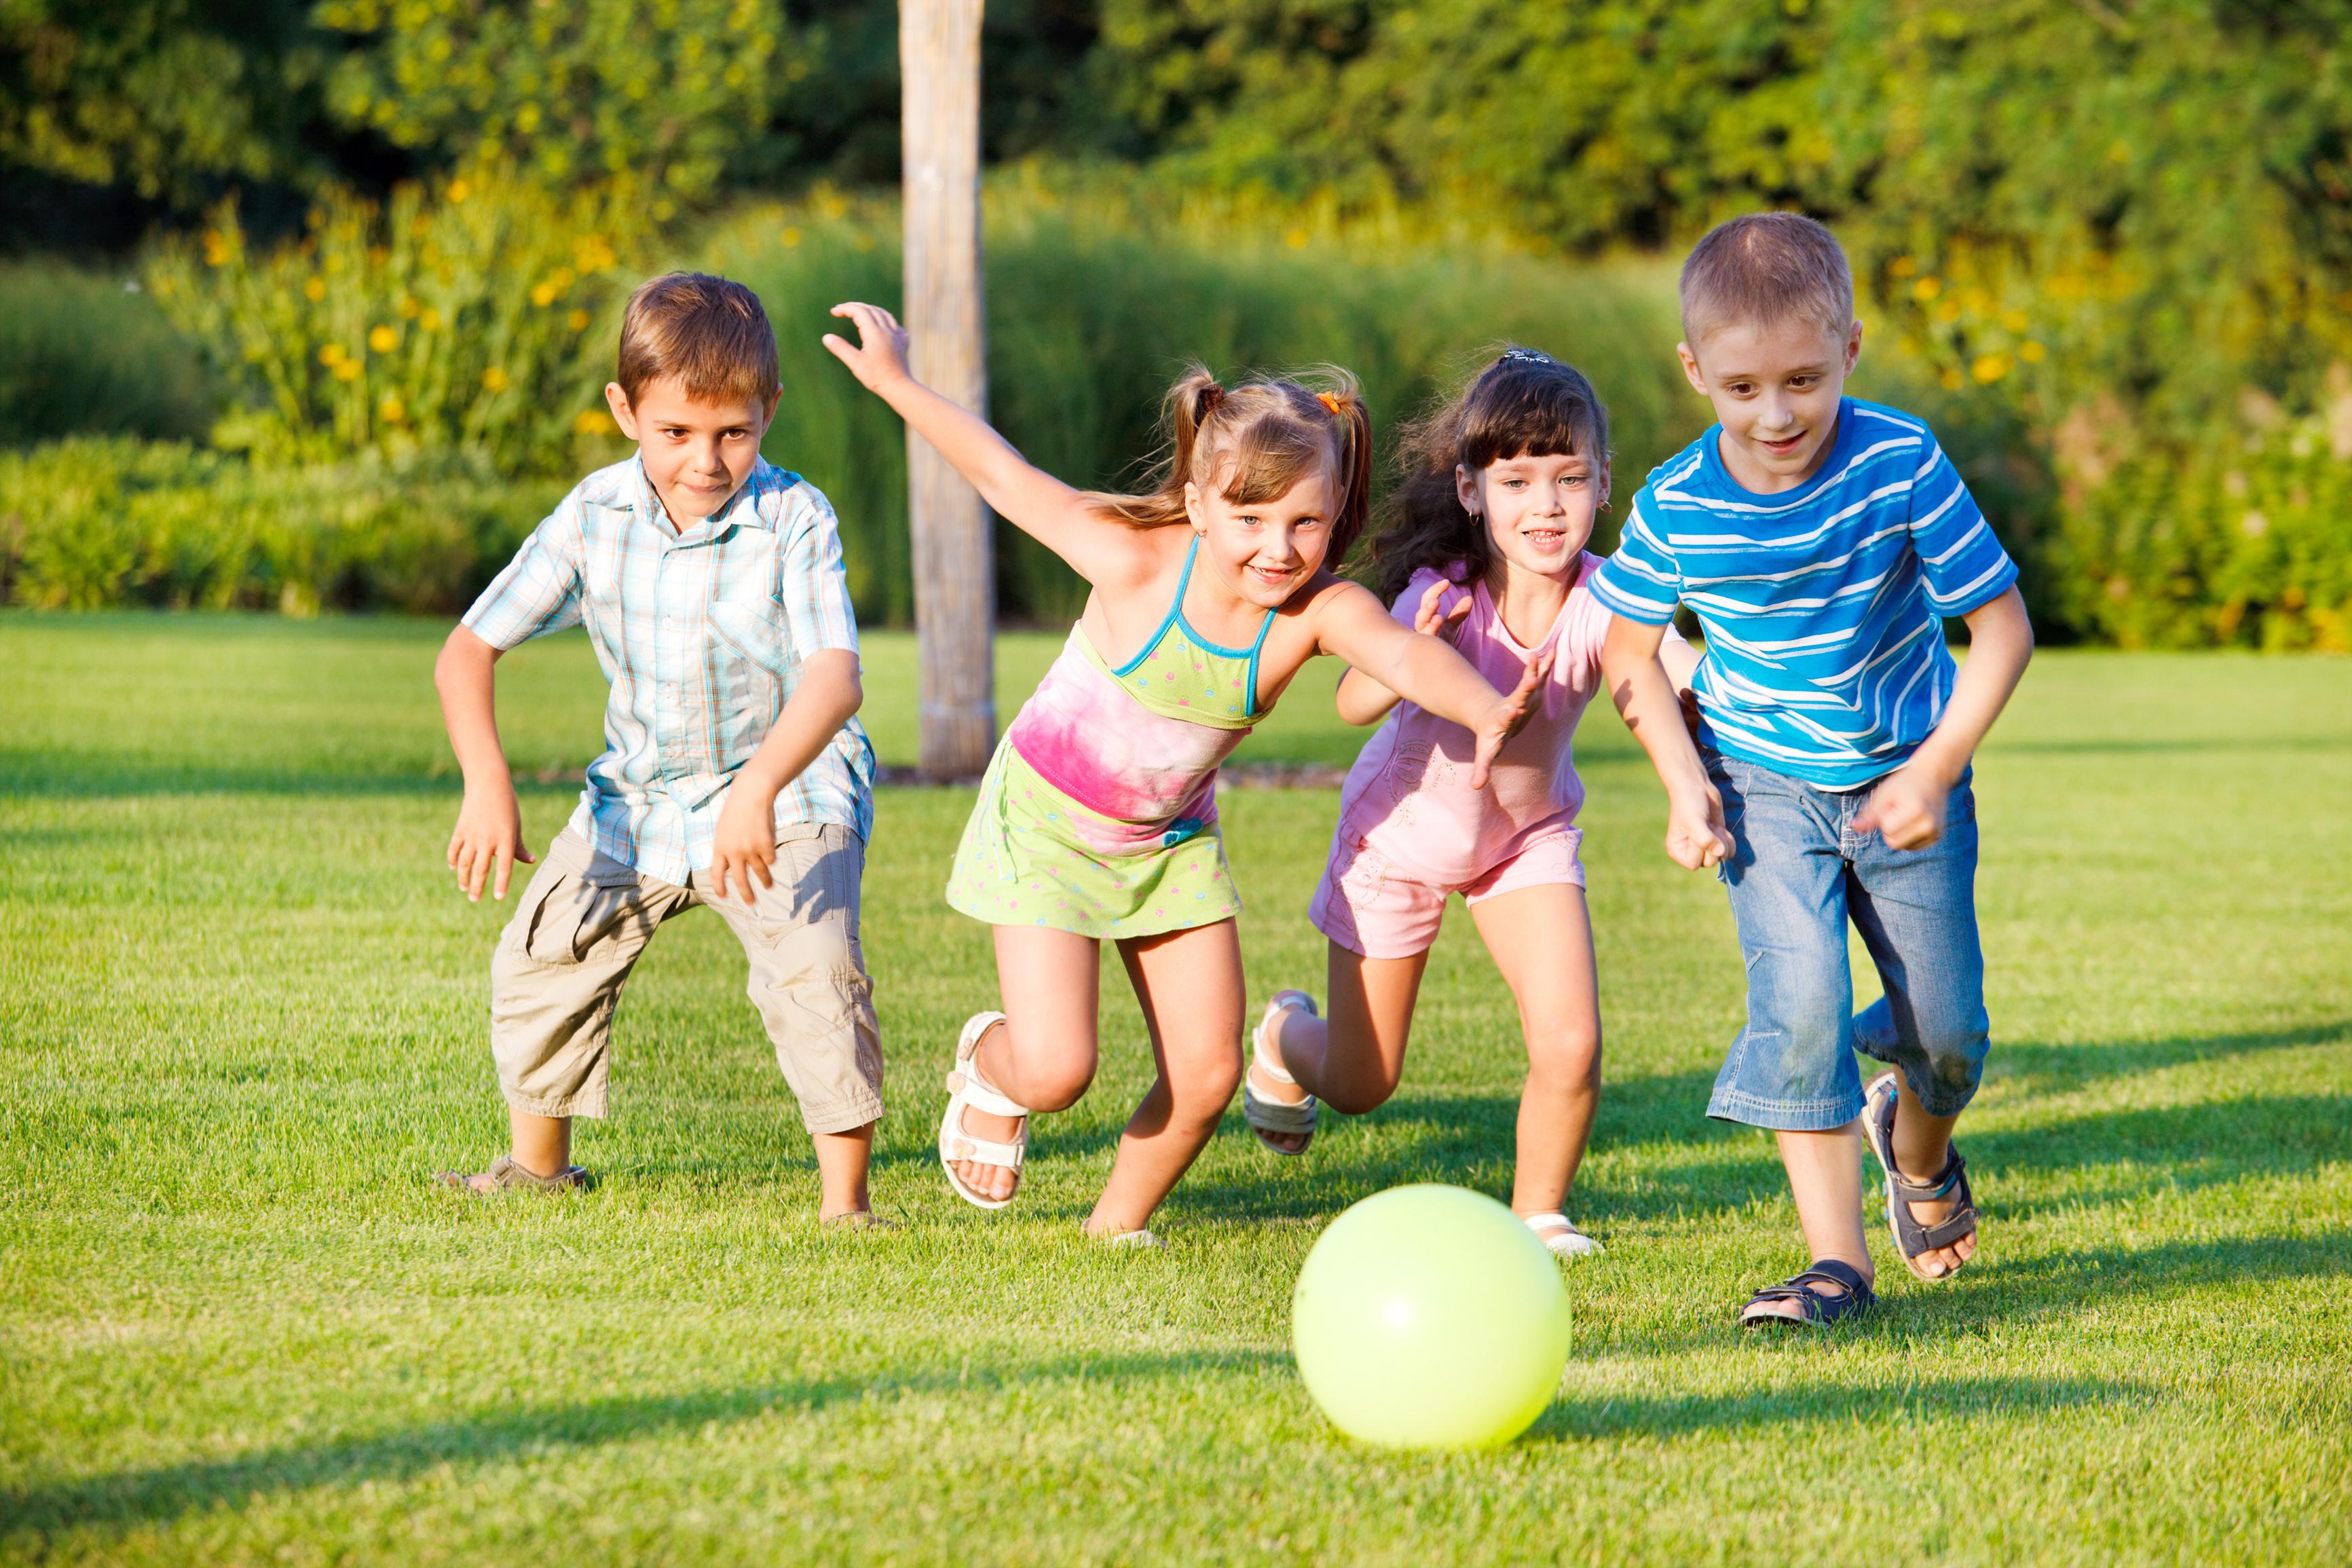 Игры наоткрытом воздухе повышают успеваемость детей